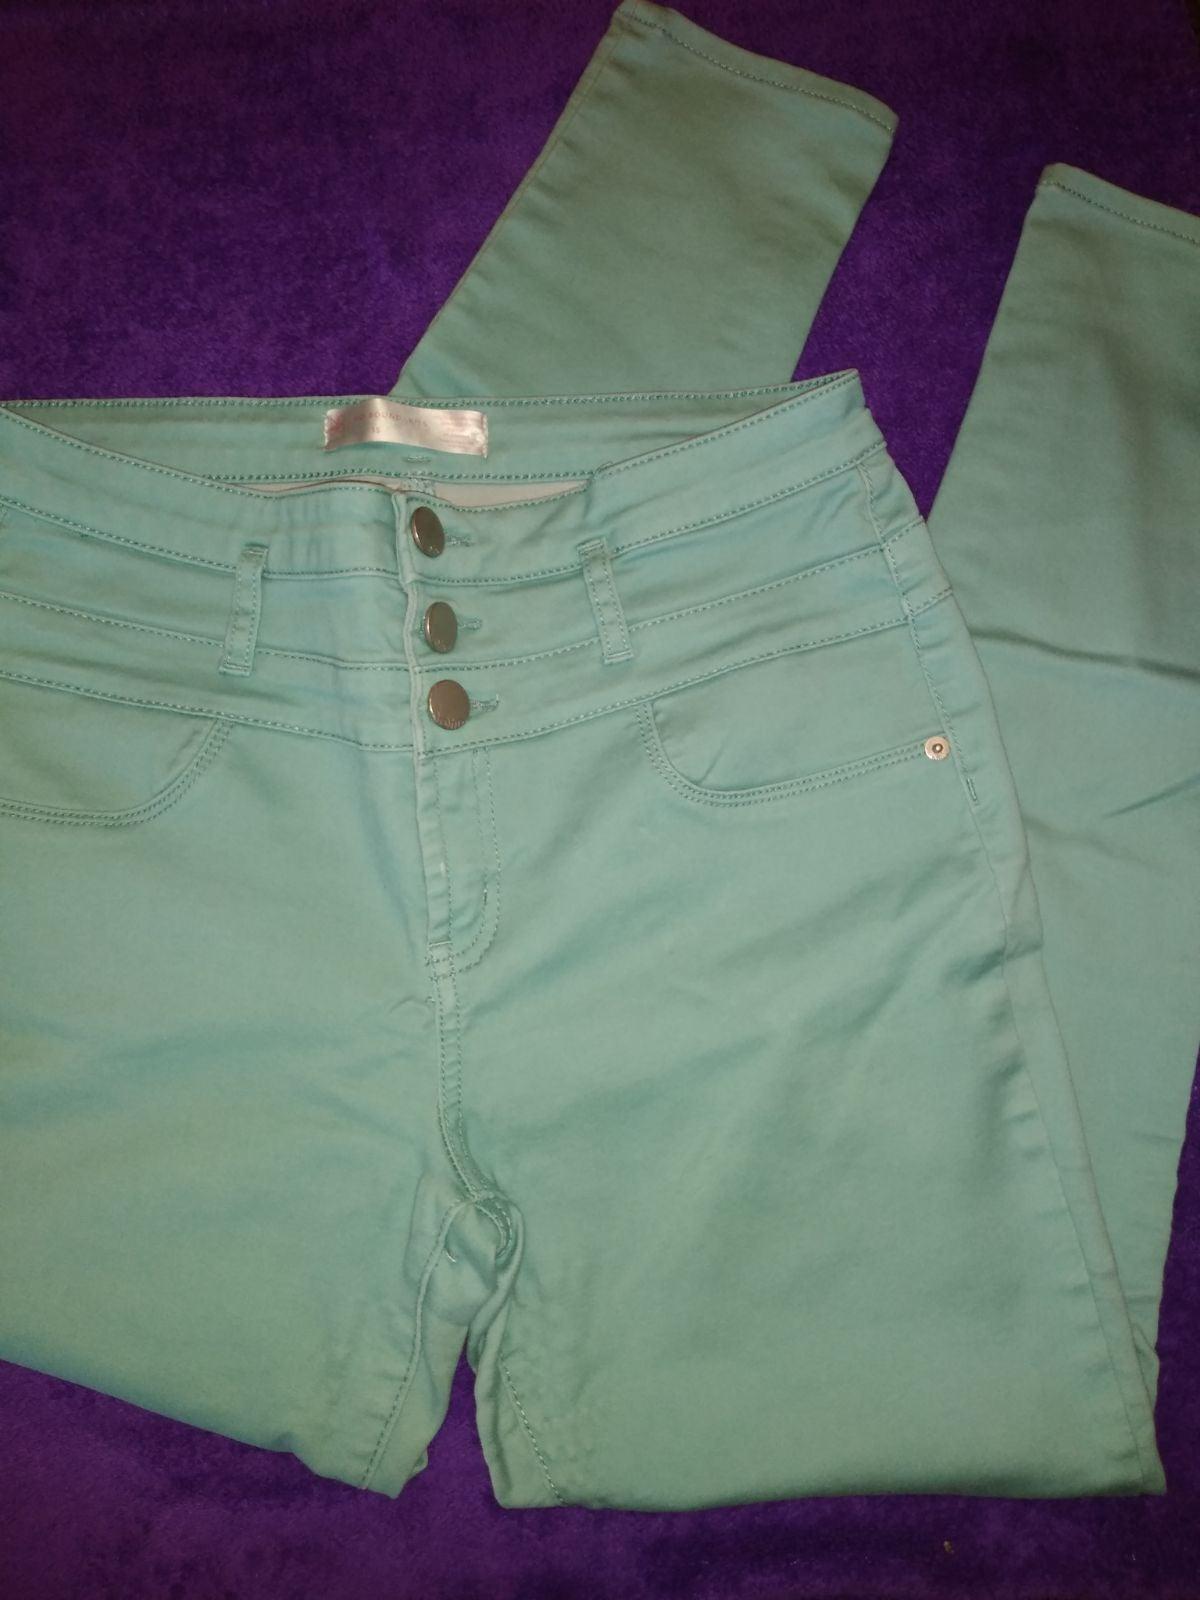 Woman's Khaki Pants